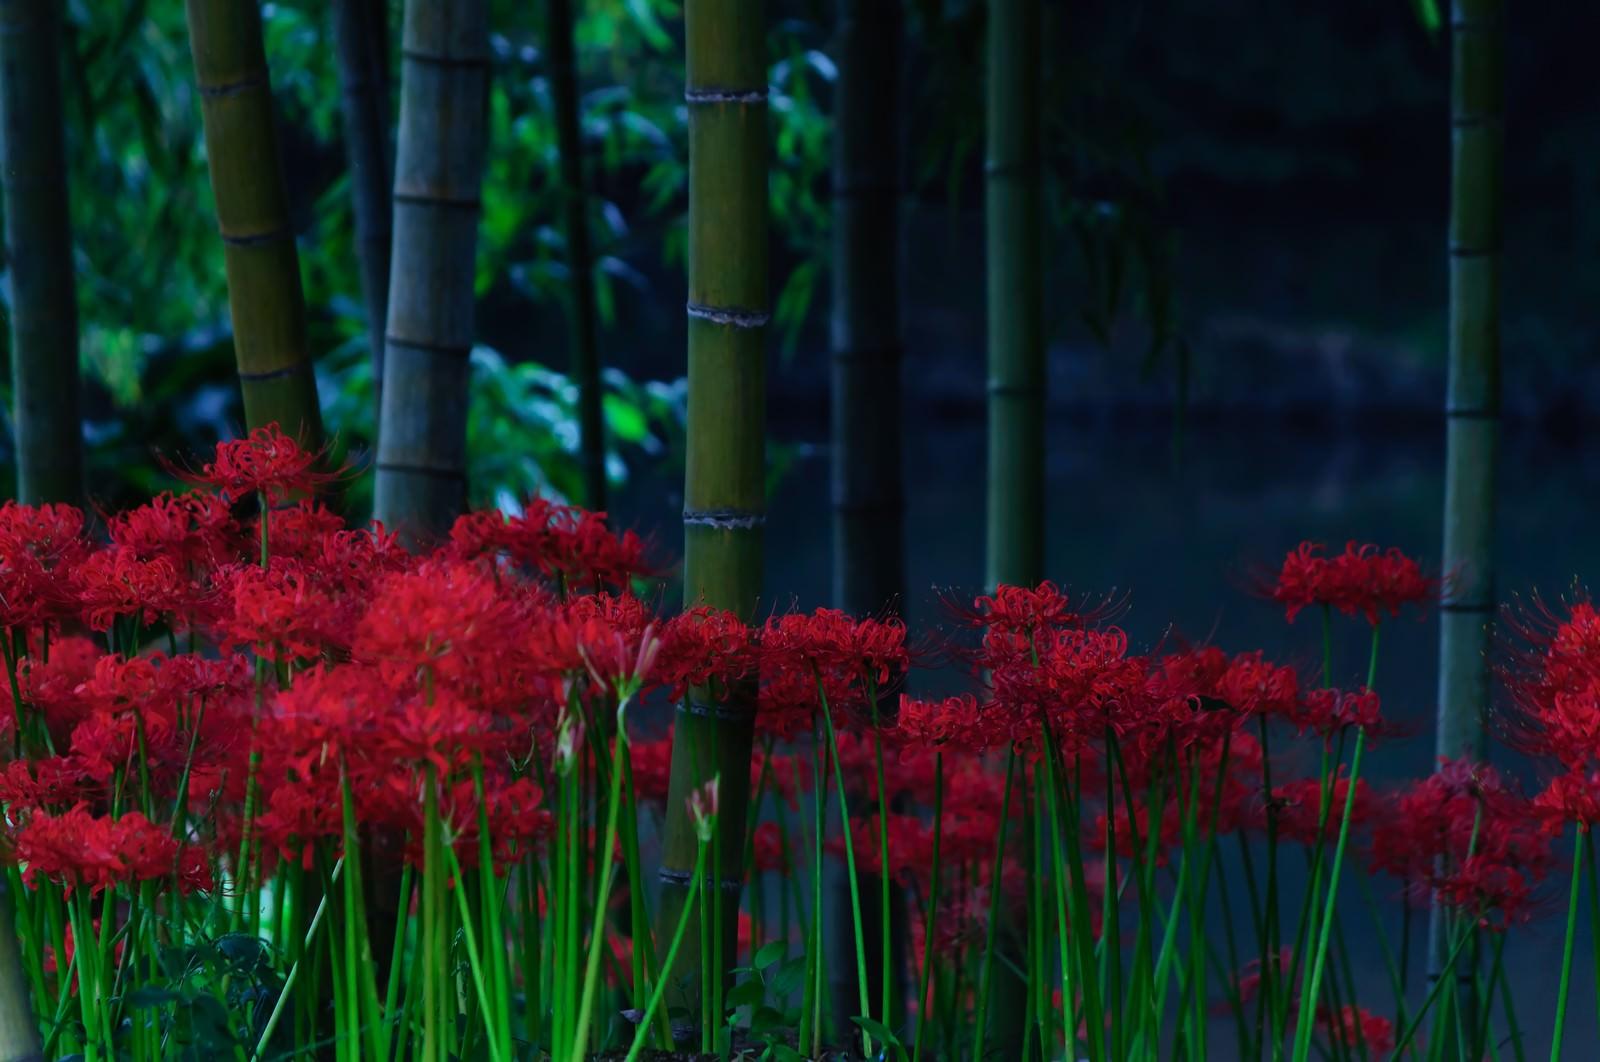 「蒼い闇に咲く紅い曼珠沙華」の写真